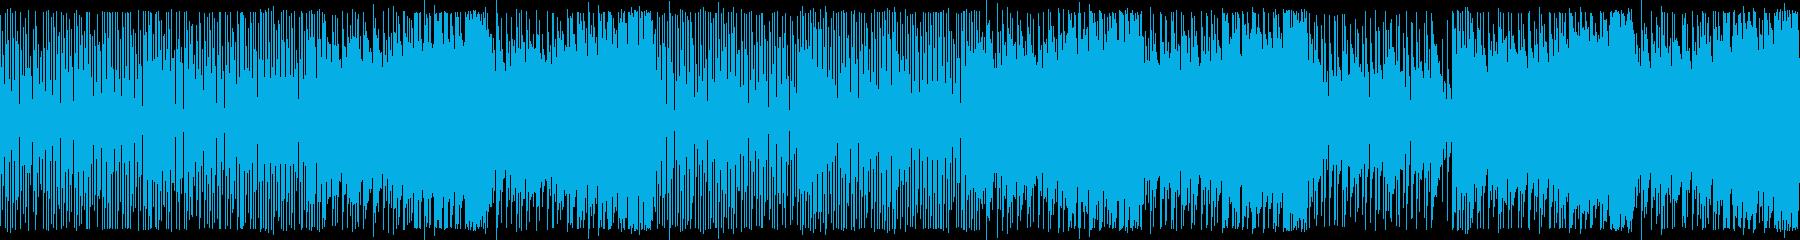 80年代テクノポップ中華風:ループ用の再生済みの波形